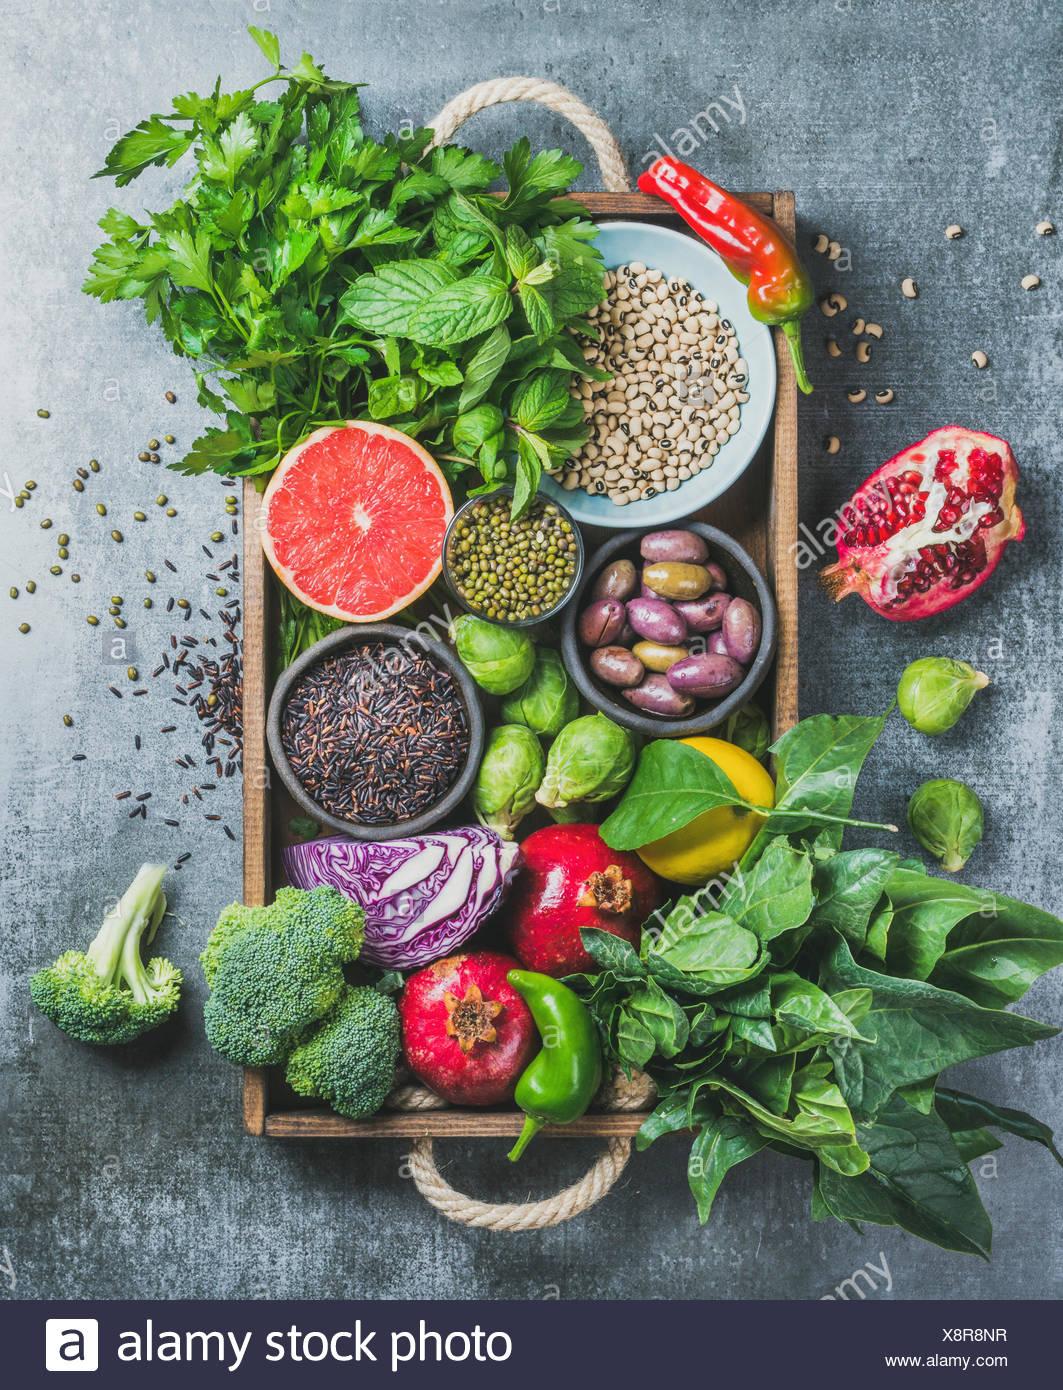 Les légumes, fruits, graines, céréales, haricots, épices, herbes, superaliments, condiment, dans un coffret en bois pour les végétaliens, sans gluten, gay-friendly, nettoyer ou de l'alimentation Photo Stock